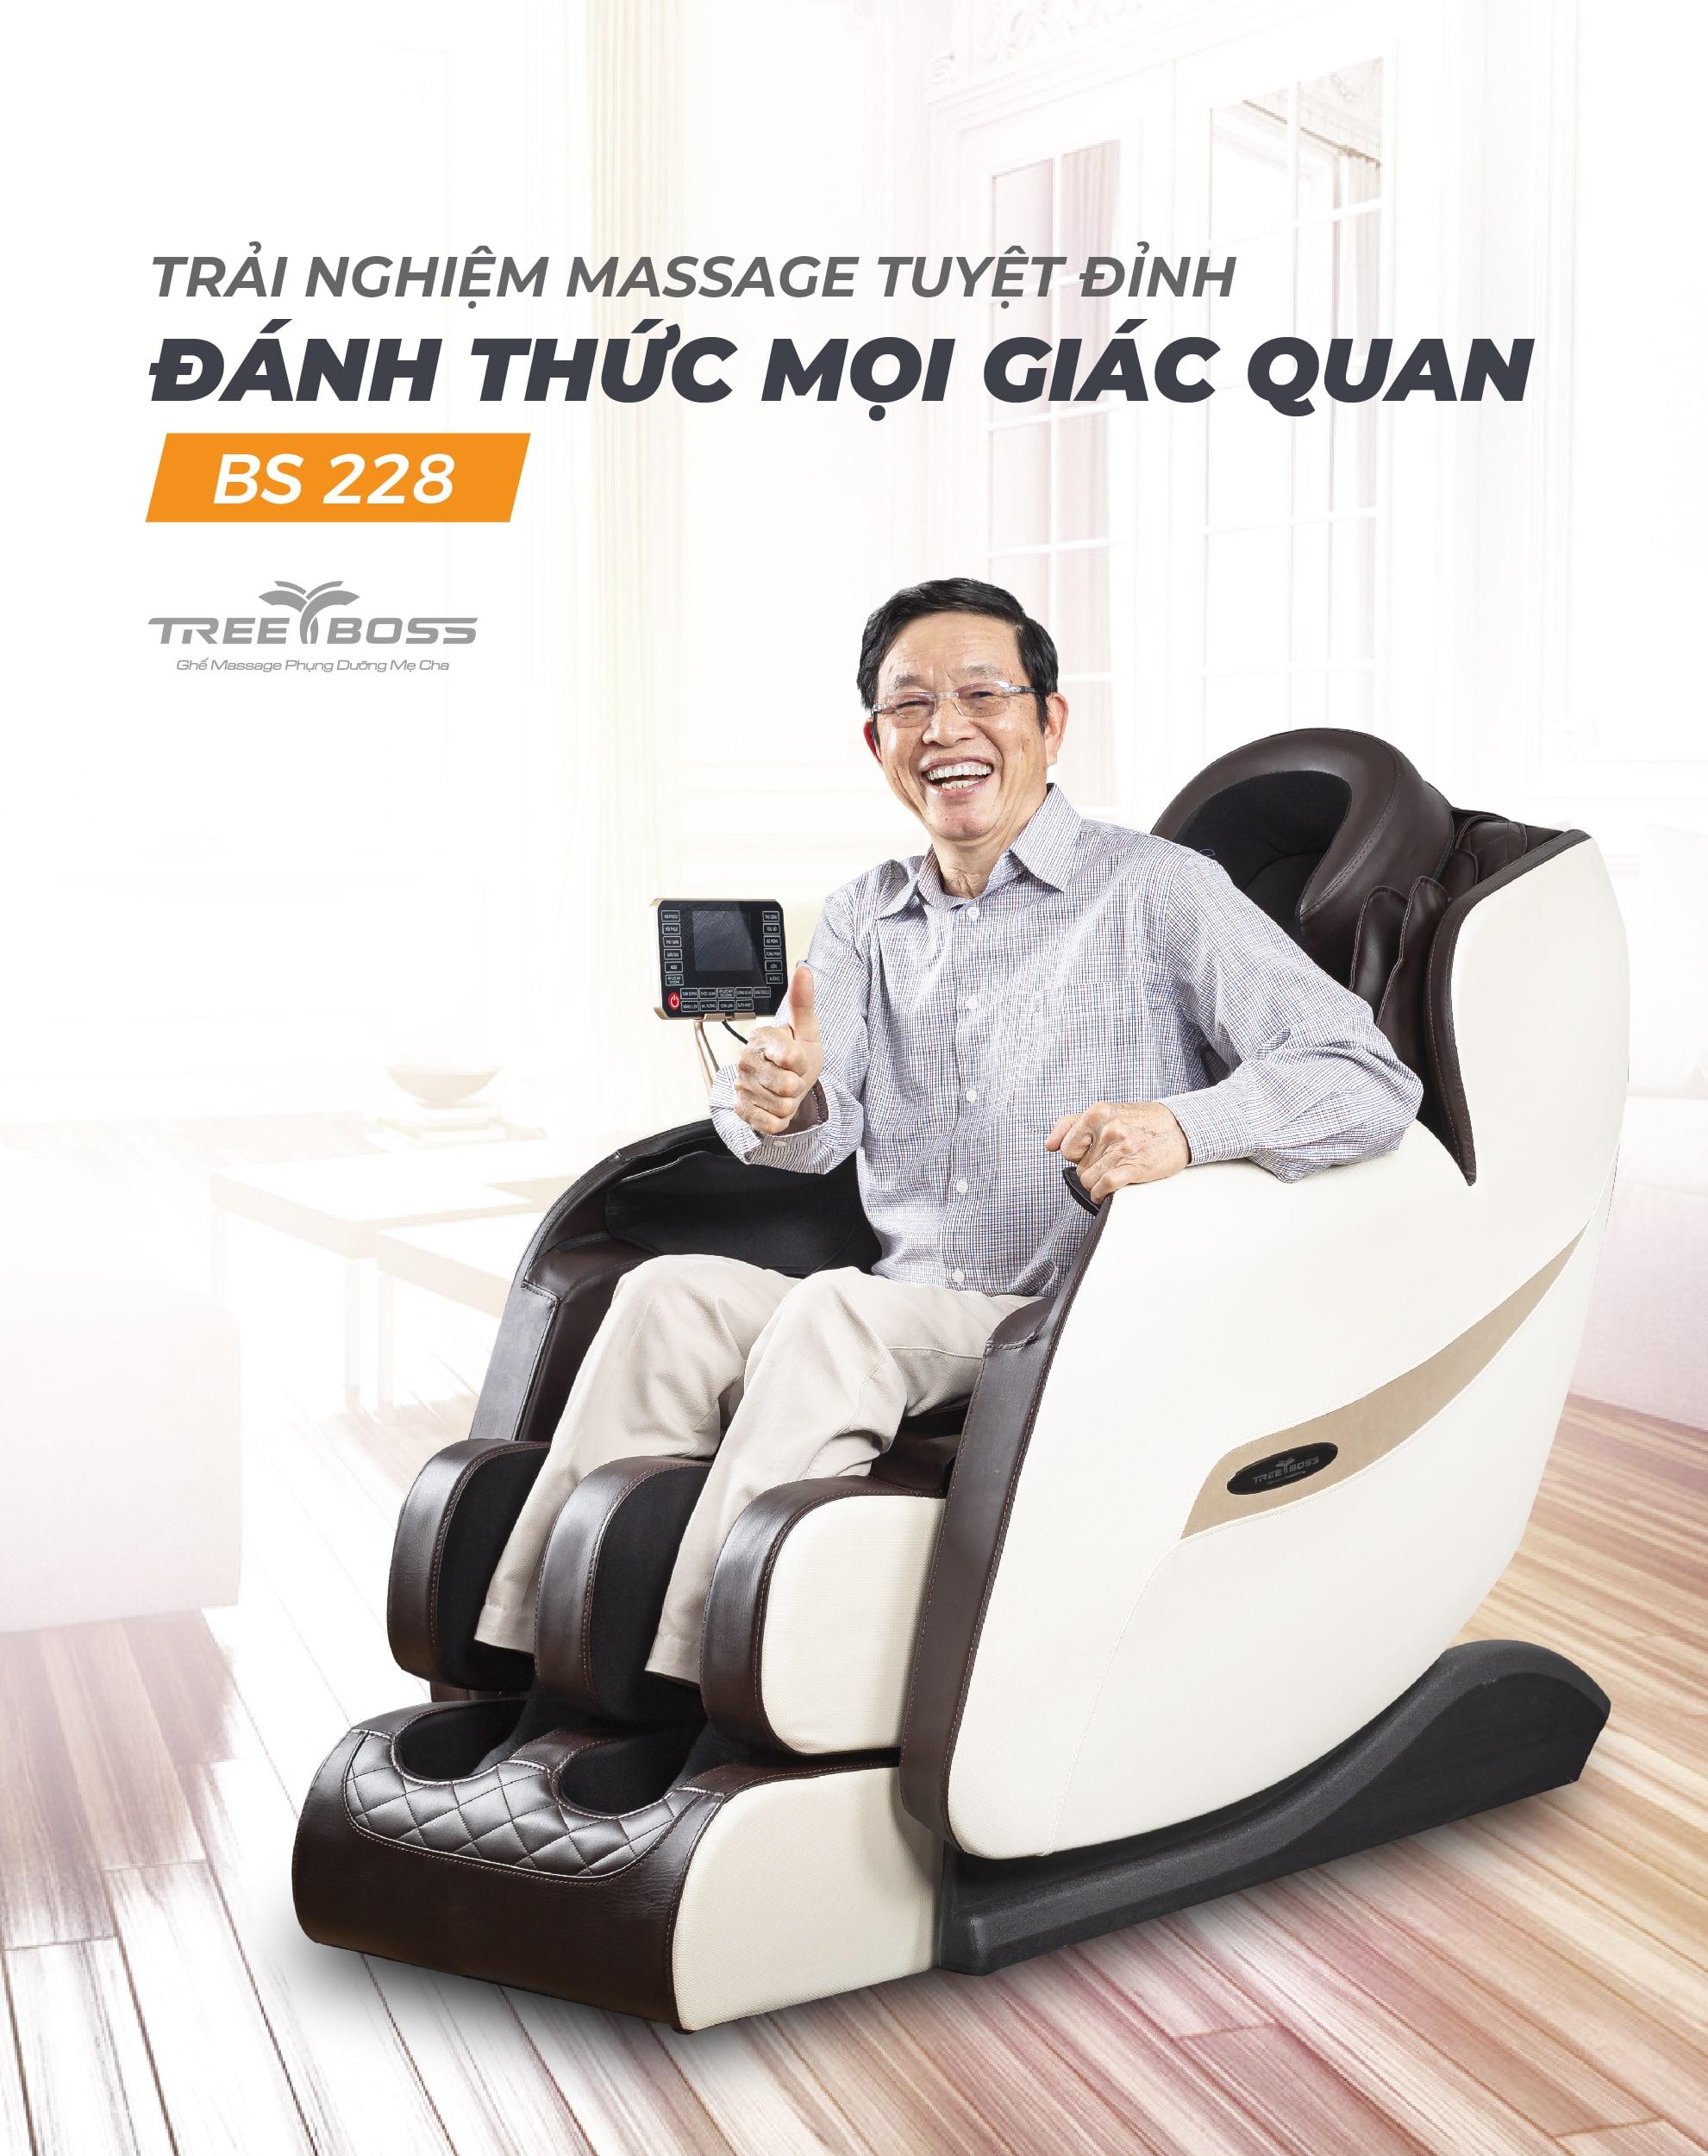 ghế massage không trọng lực